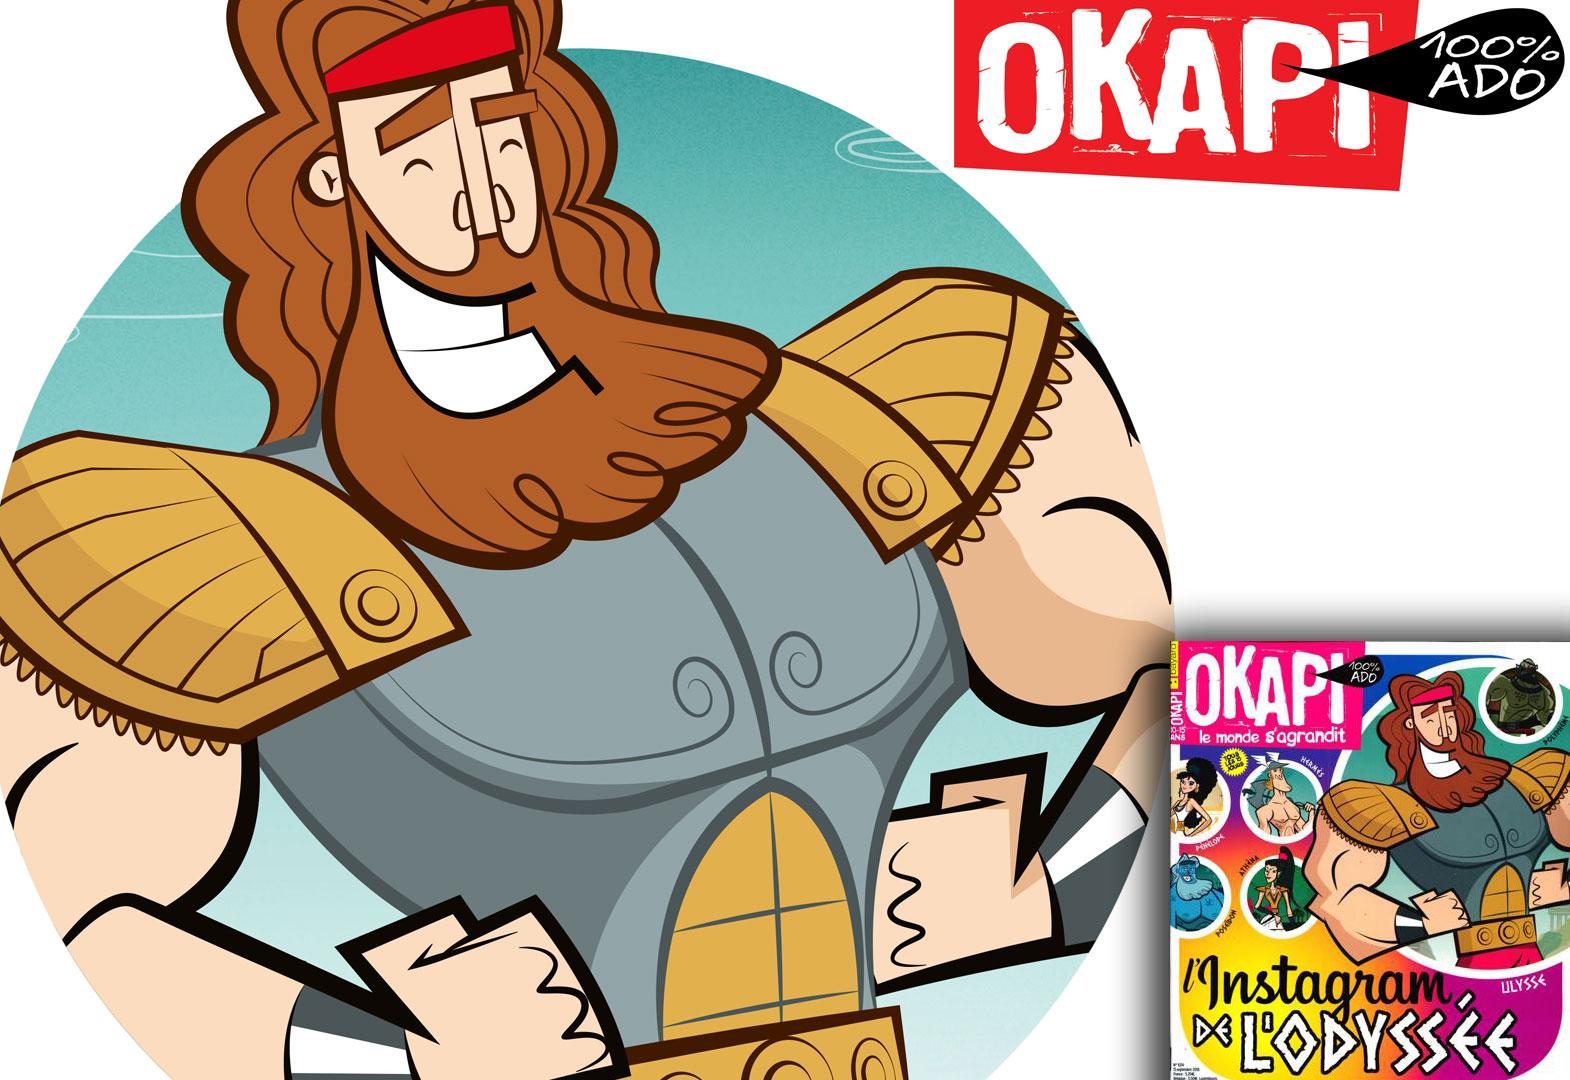 Odysseus Instagram for Okapi 1074 issue by E-Glue design studio